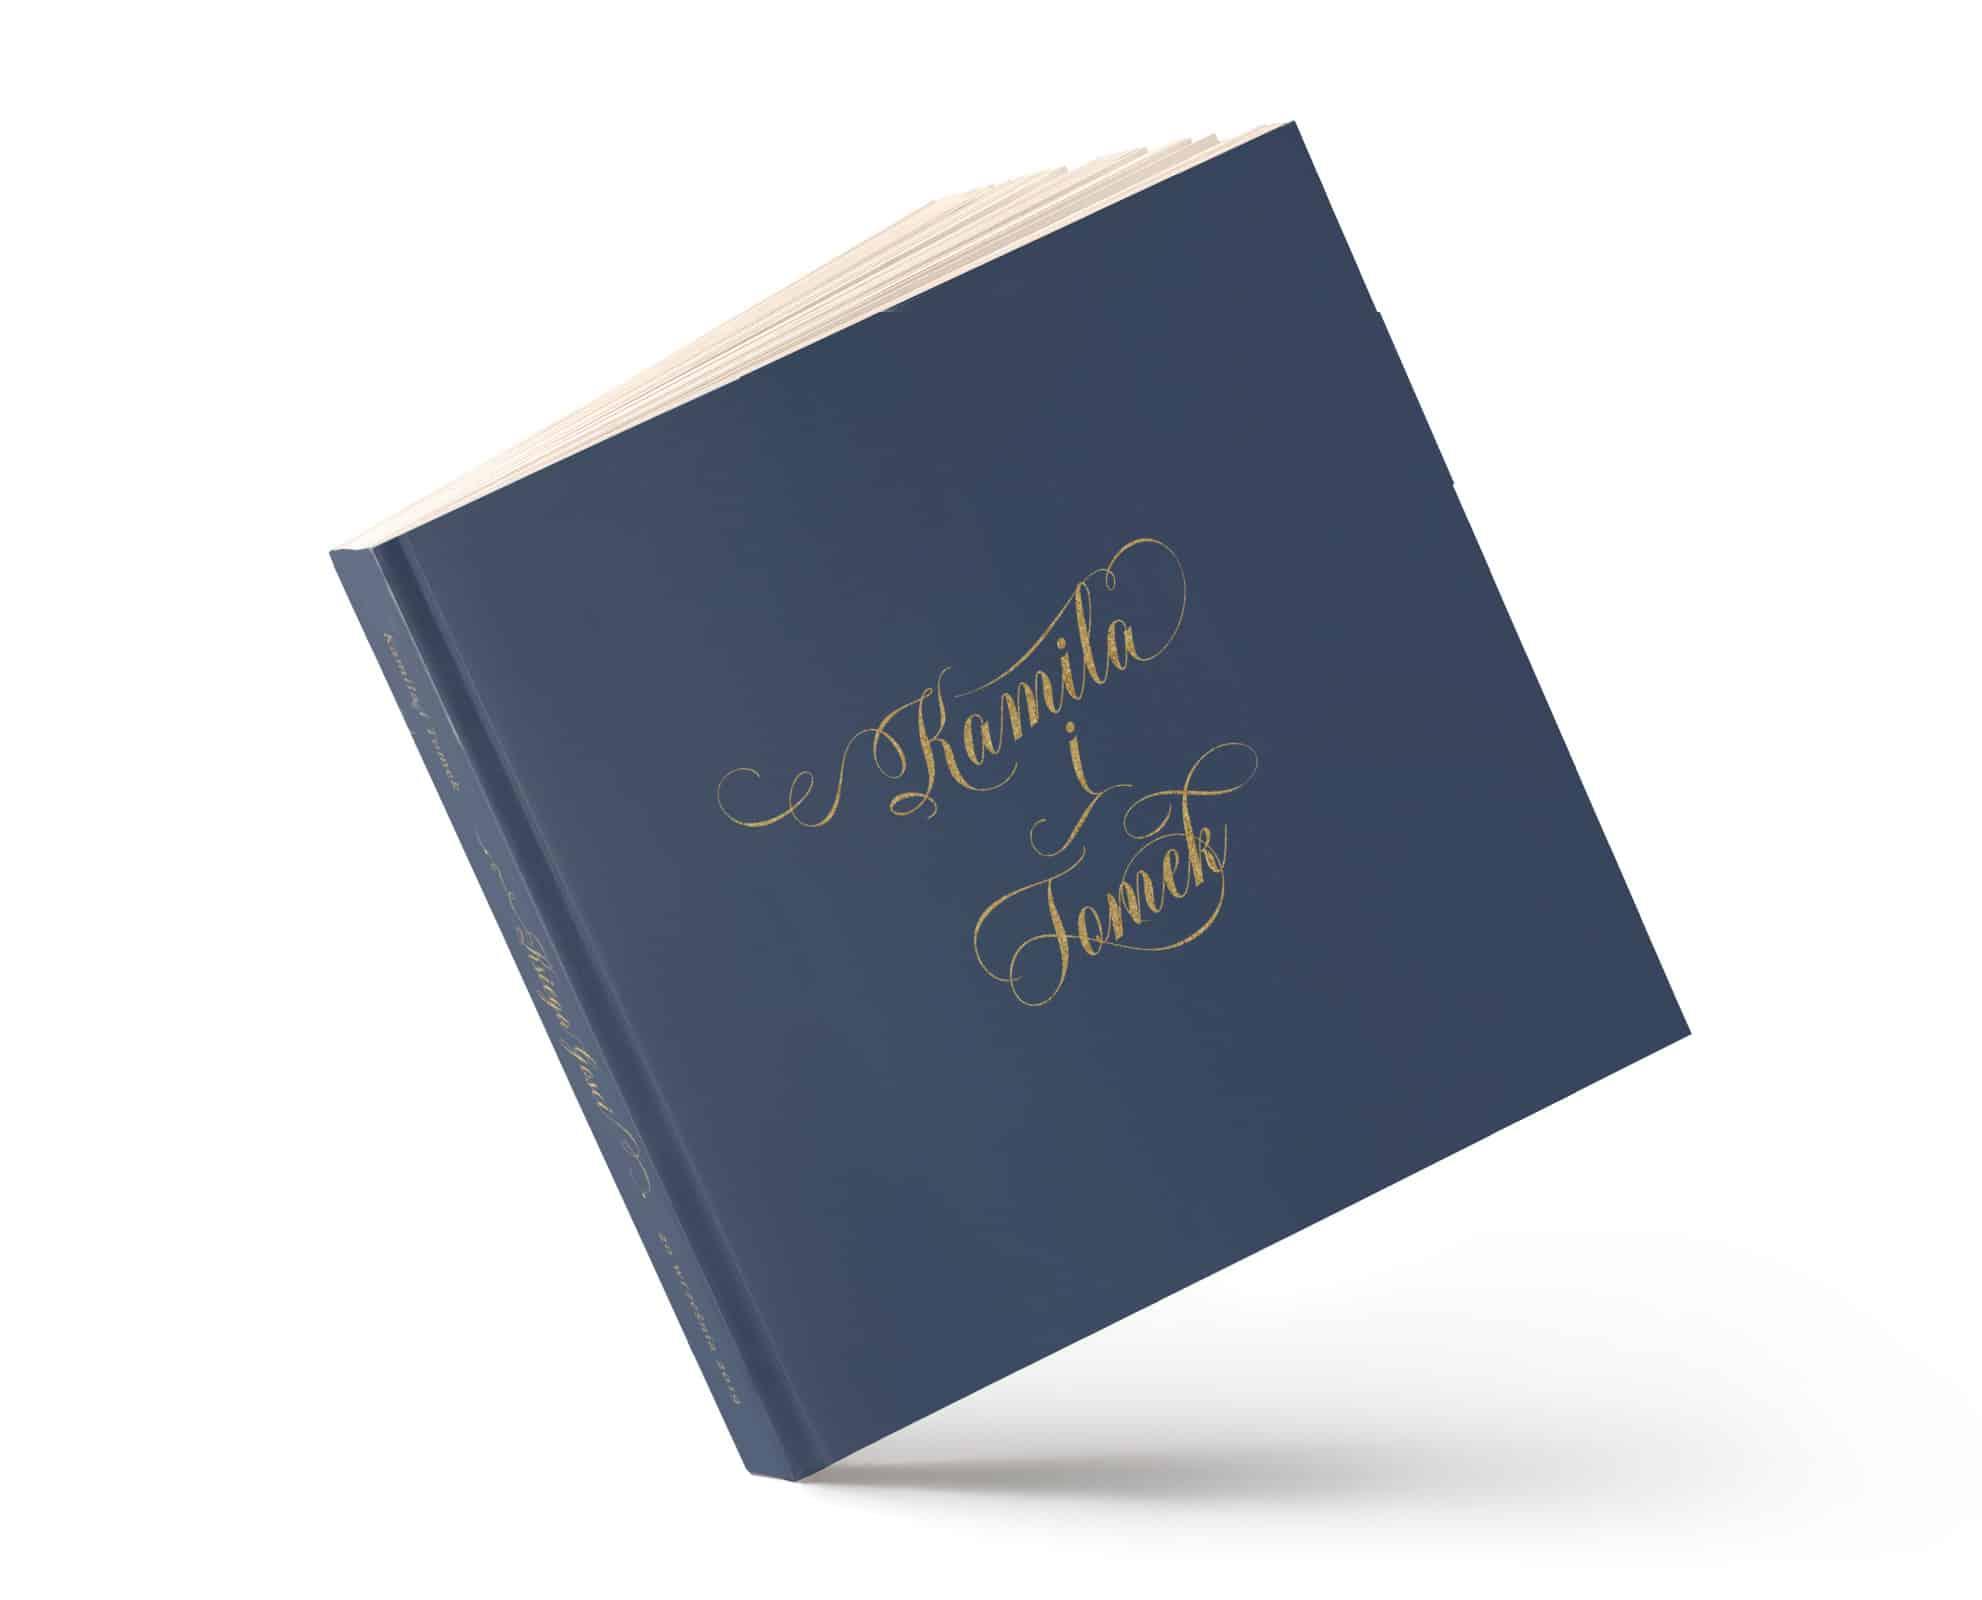 Księga gości w kolorze granatowym ze złotymi imionami Pary Młodej